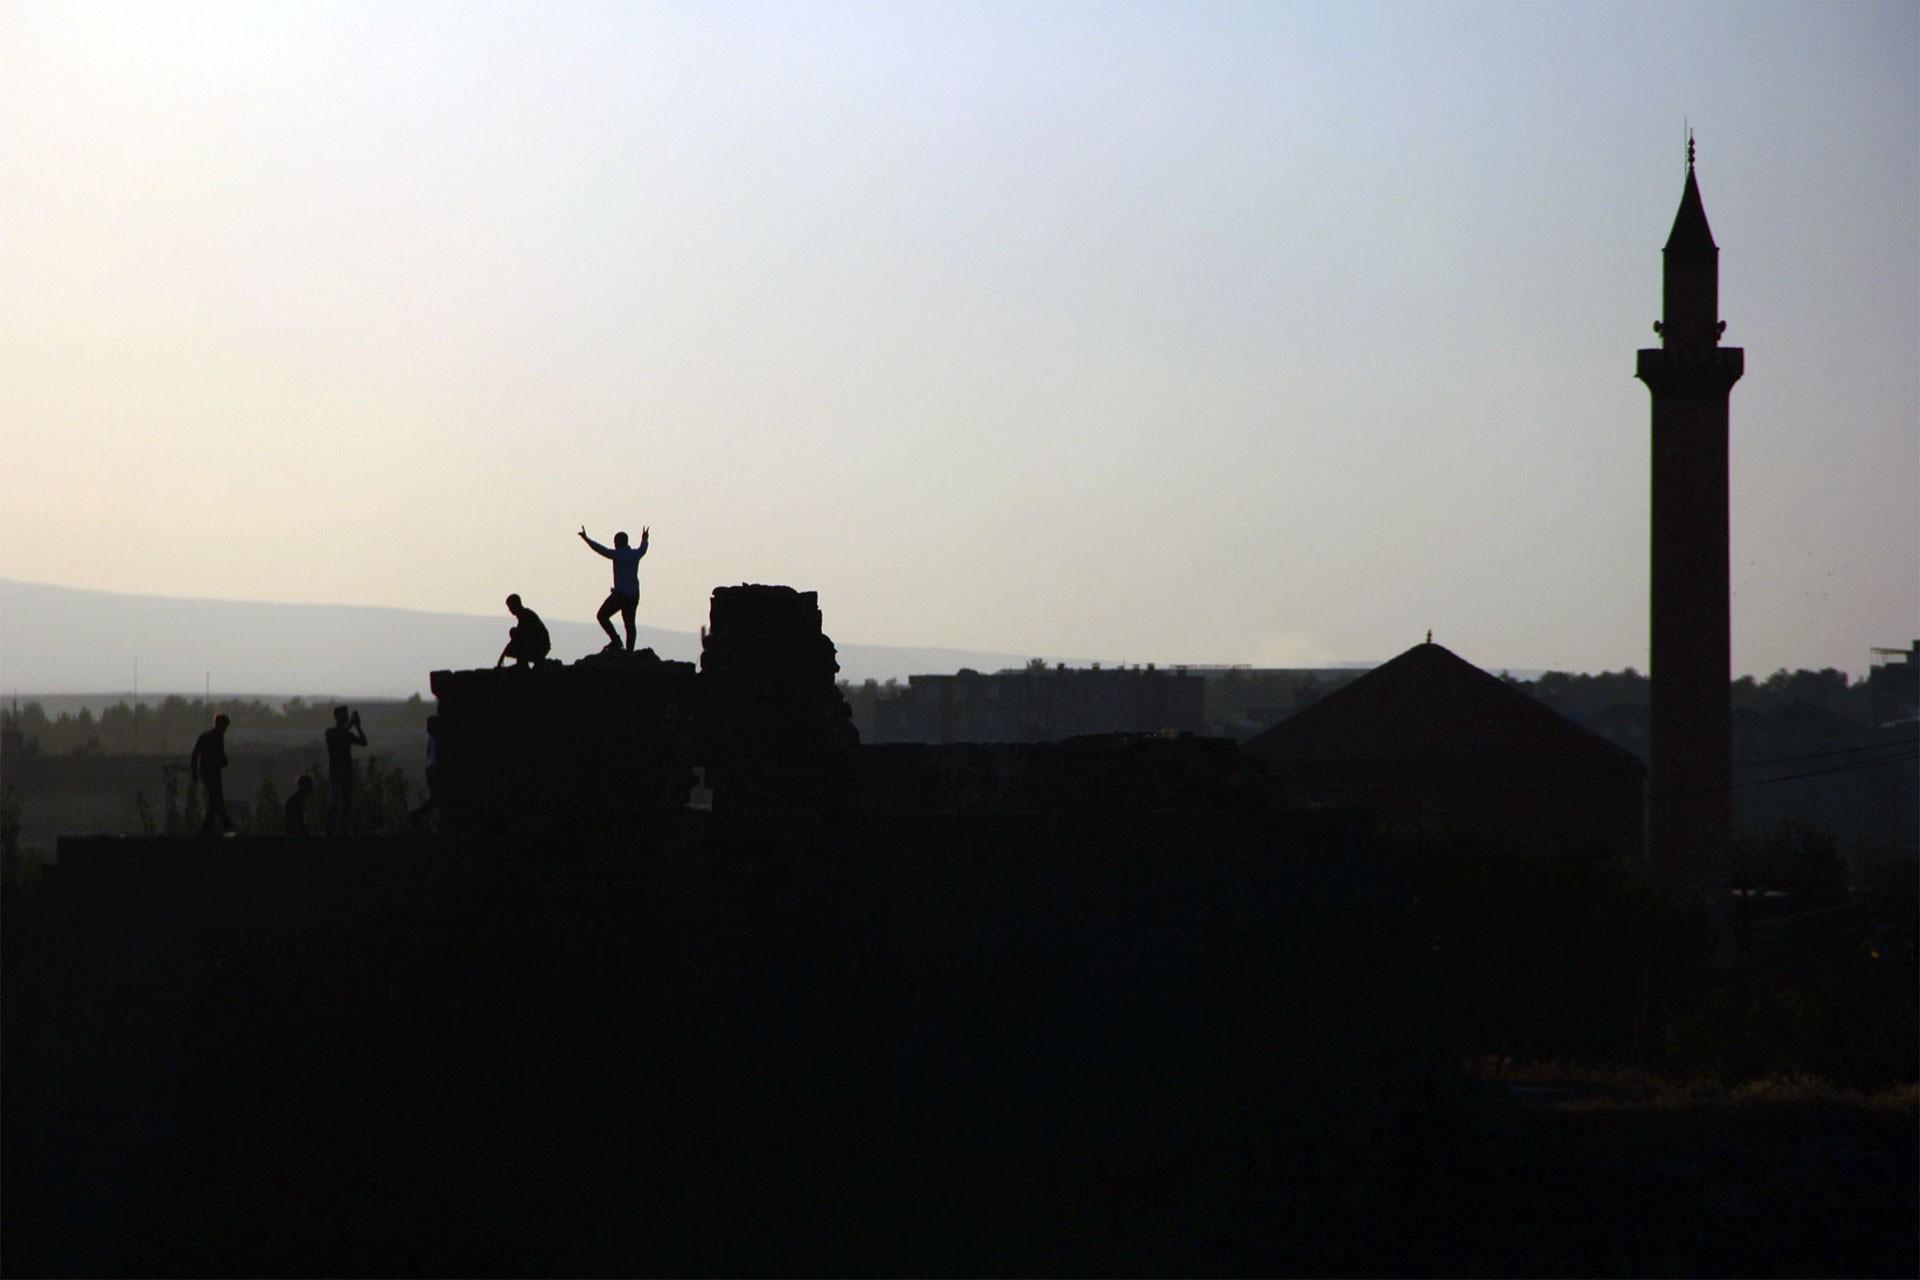 Kitap fuarına katılacaklar için Diyarbakır rehberi